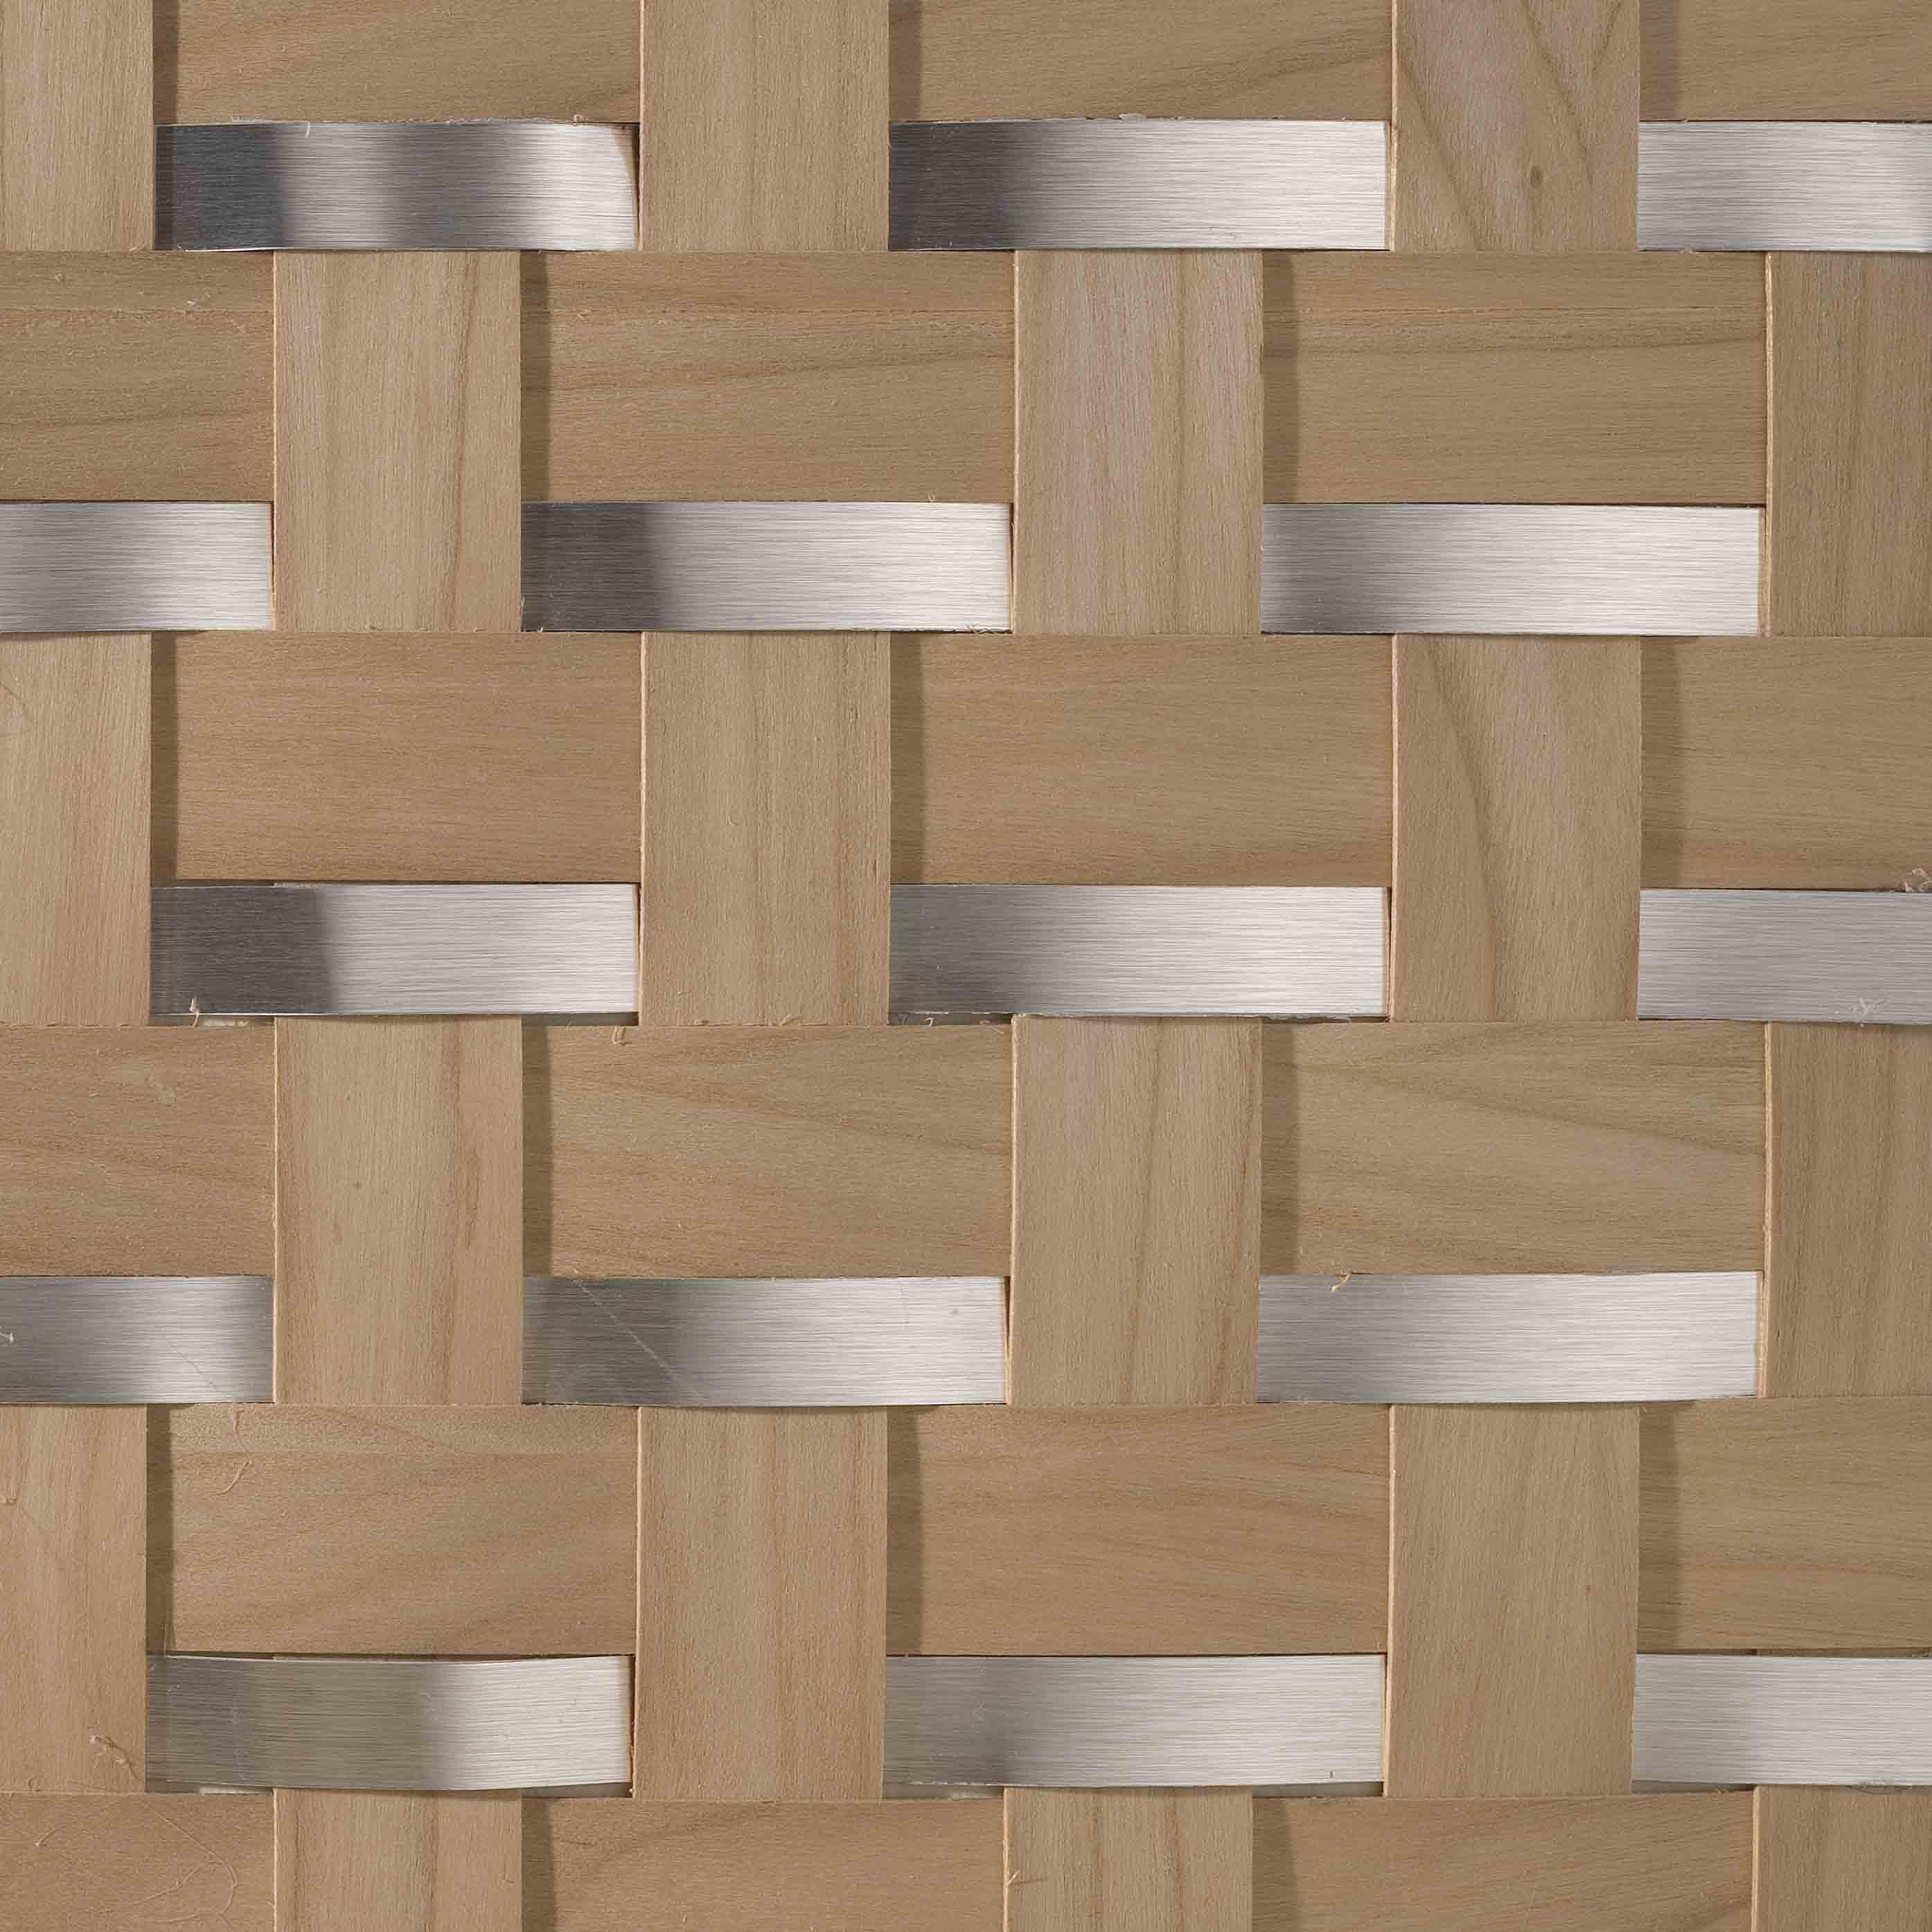 Bordi in legno pavimenti in rovere teak barche rovere di testa bricola bordi precollati bordi - Bordi per mobili ...